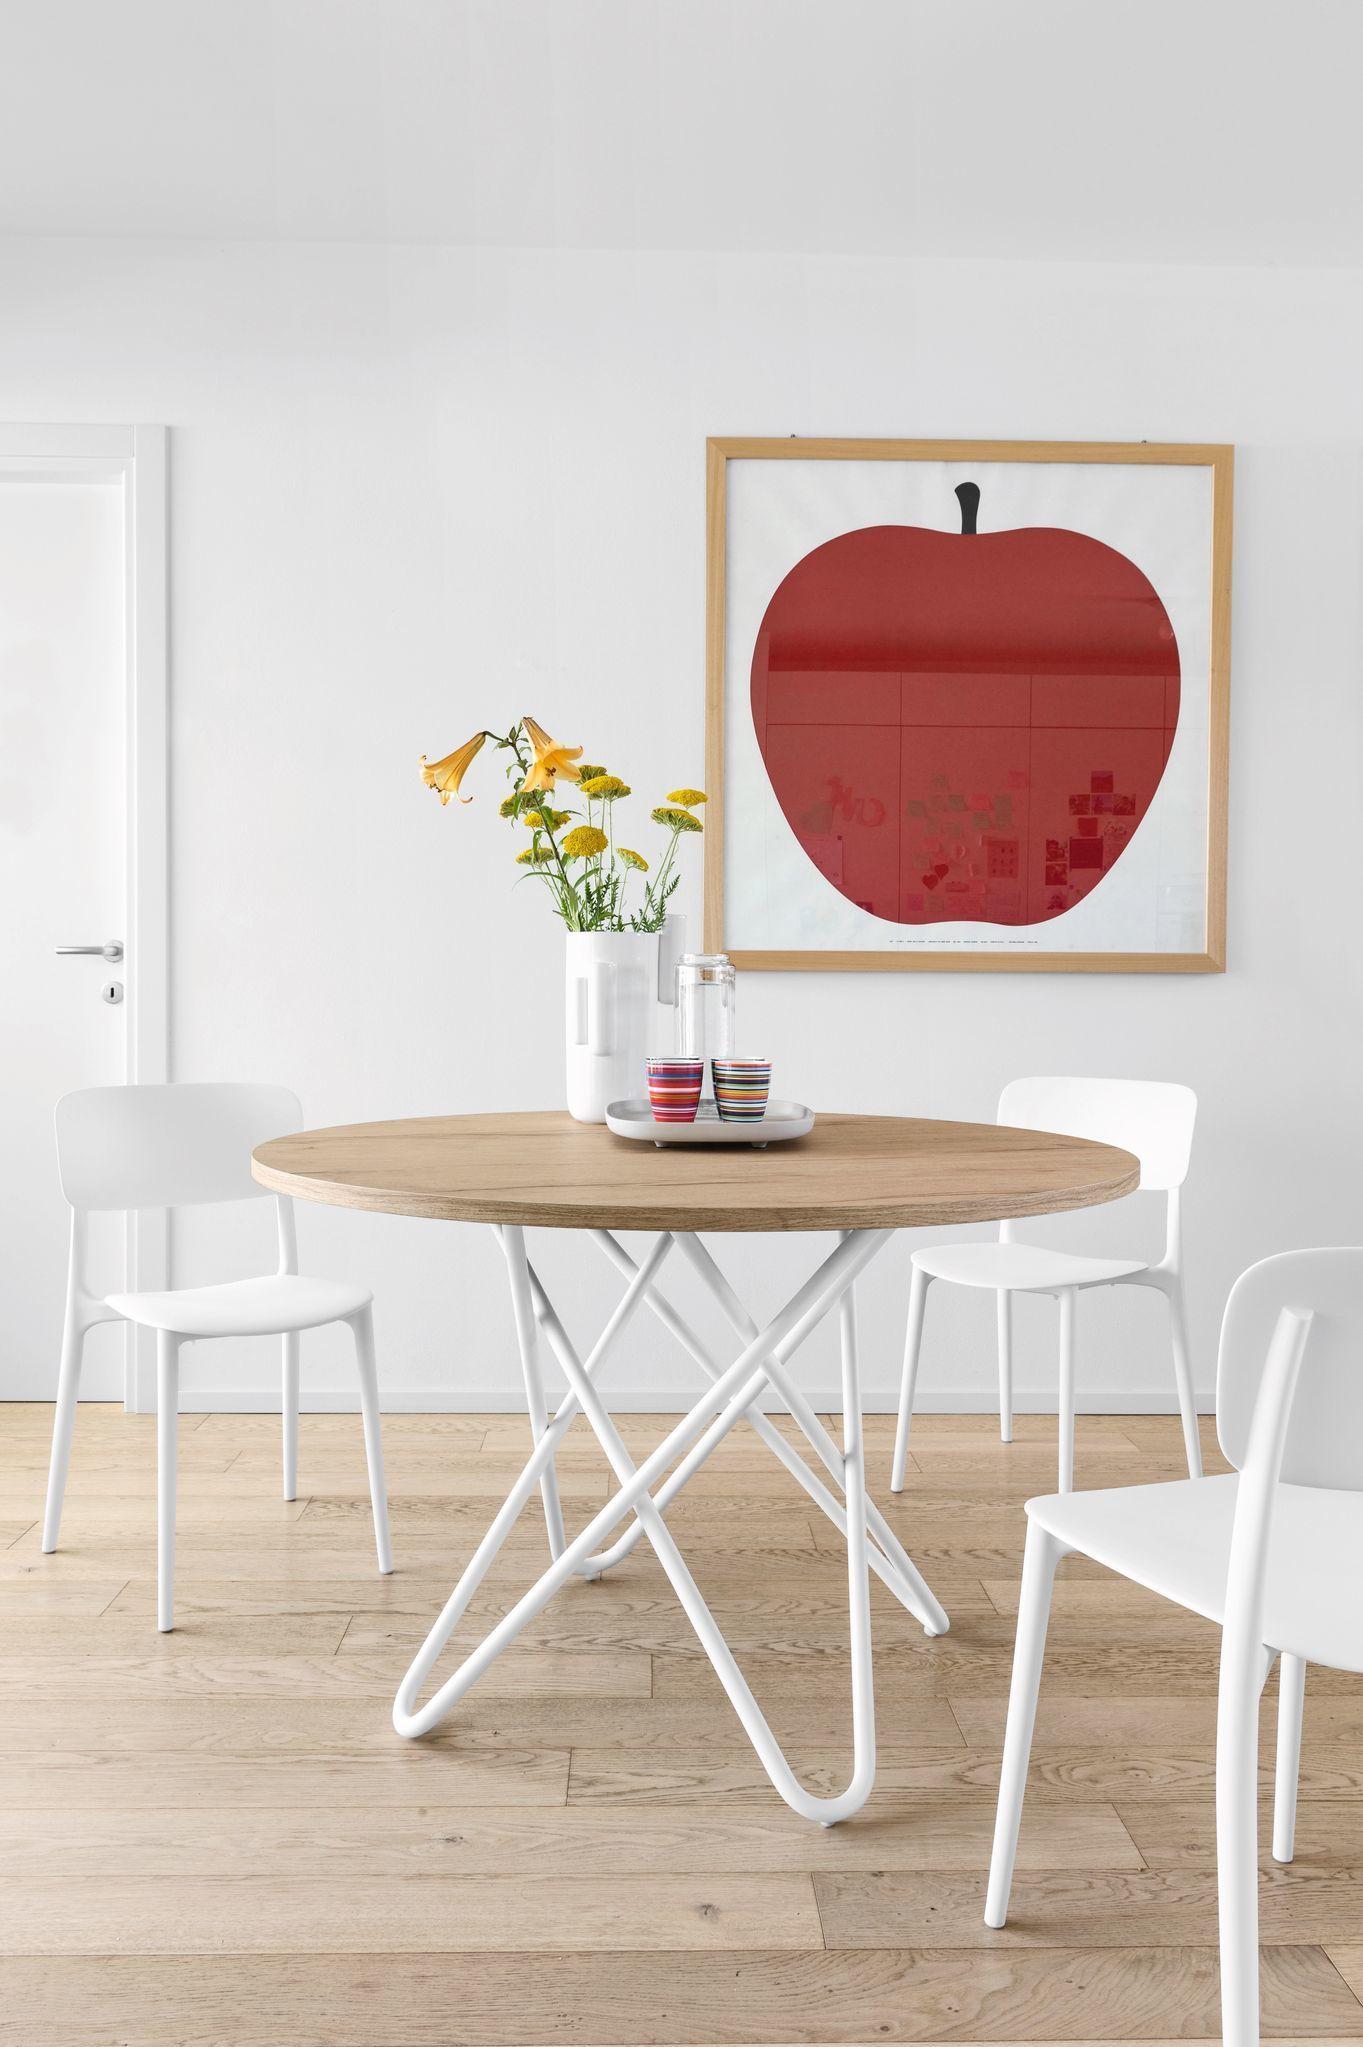 Table Ronde : Modèles Pour Salle à Manger